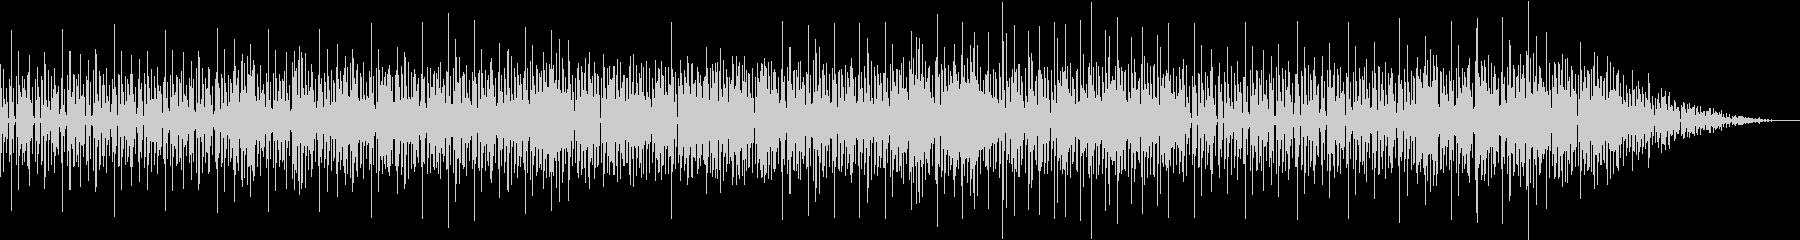 ミネアポリス系ファンクの未再生の波形